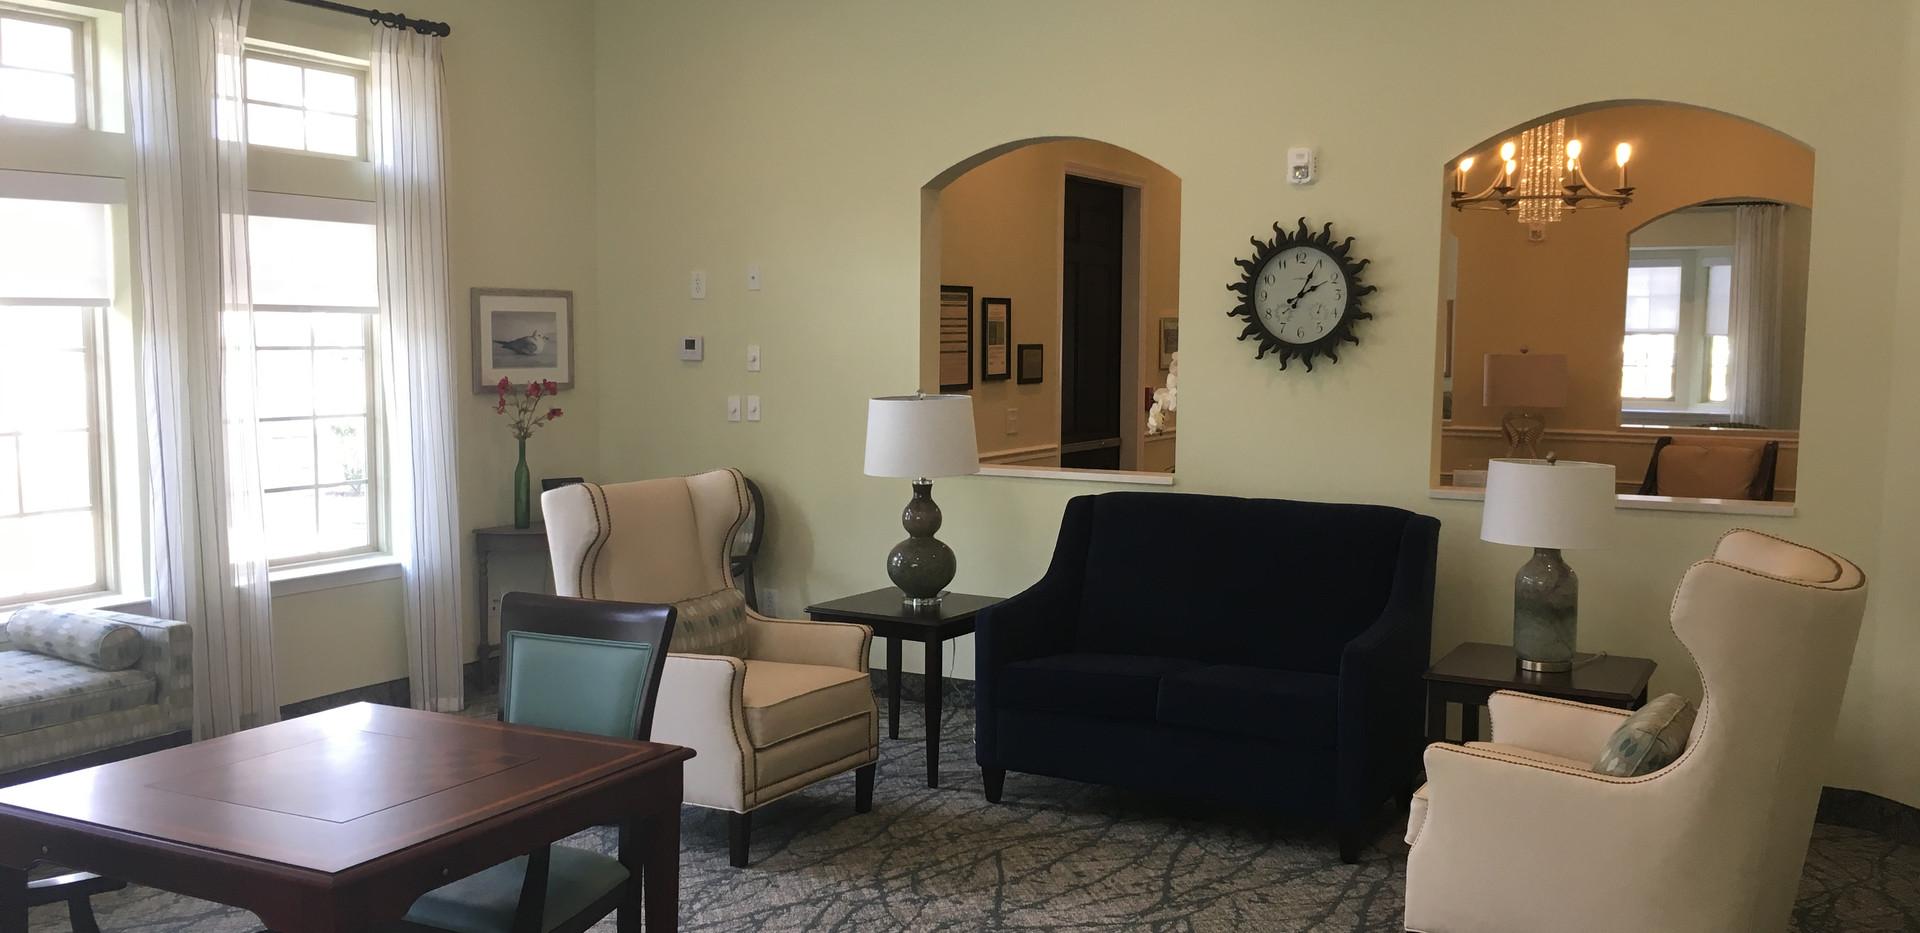 Assisted Living - Living Room #1.JPG